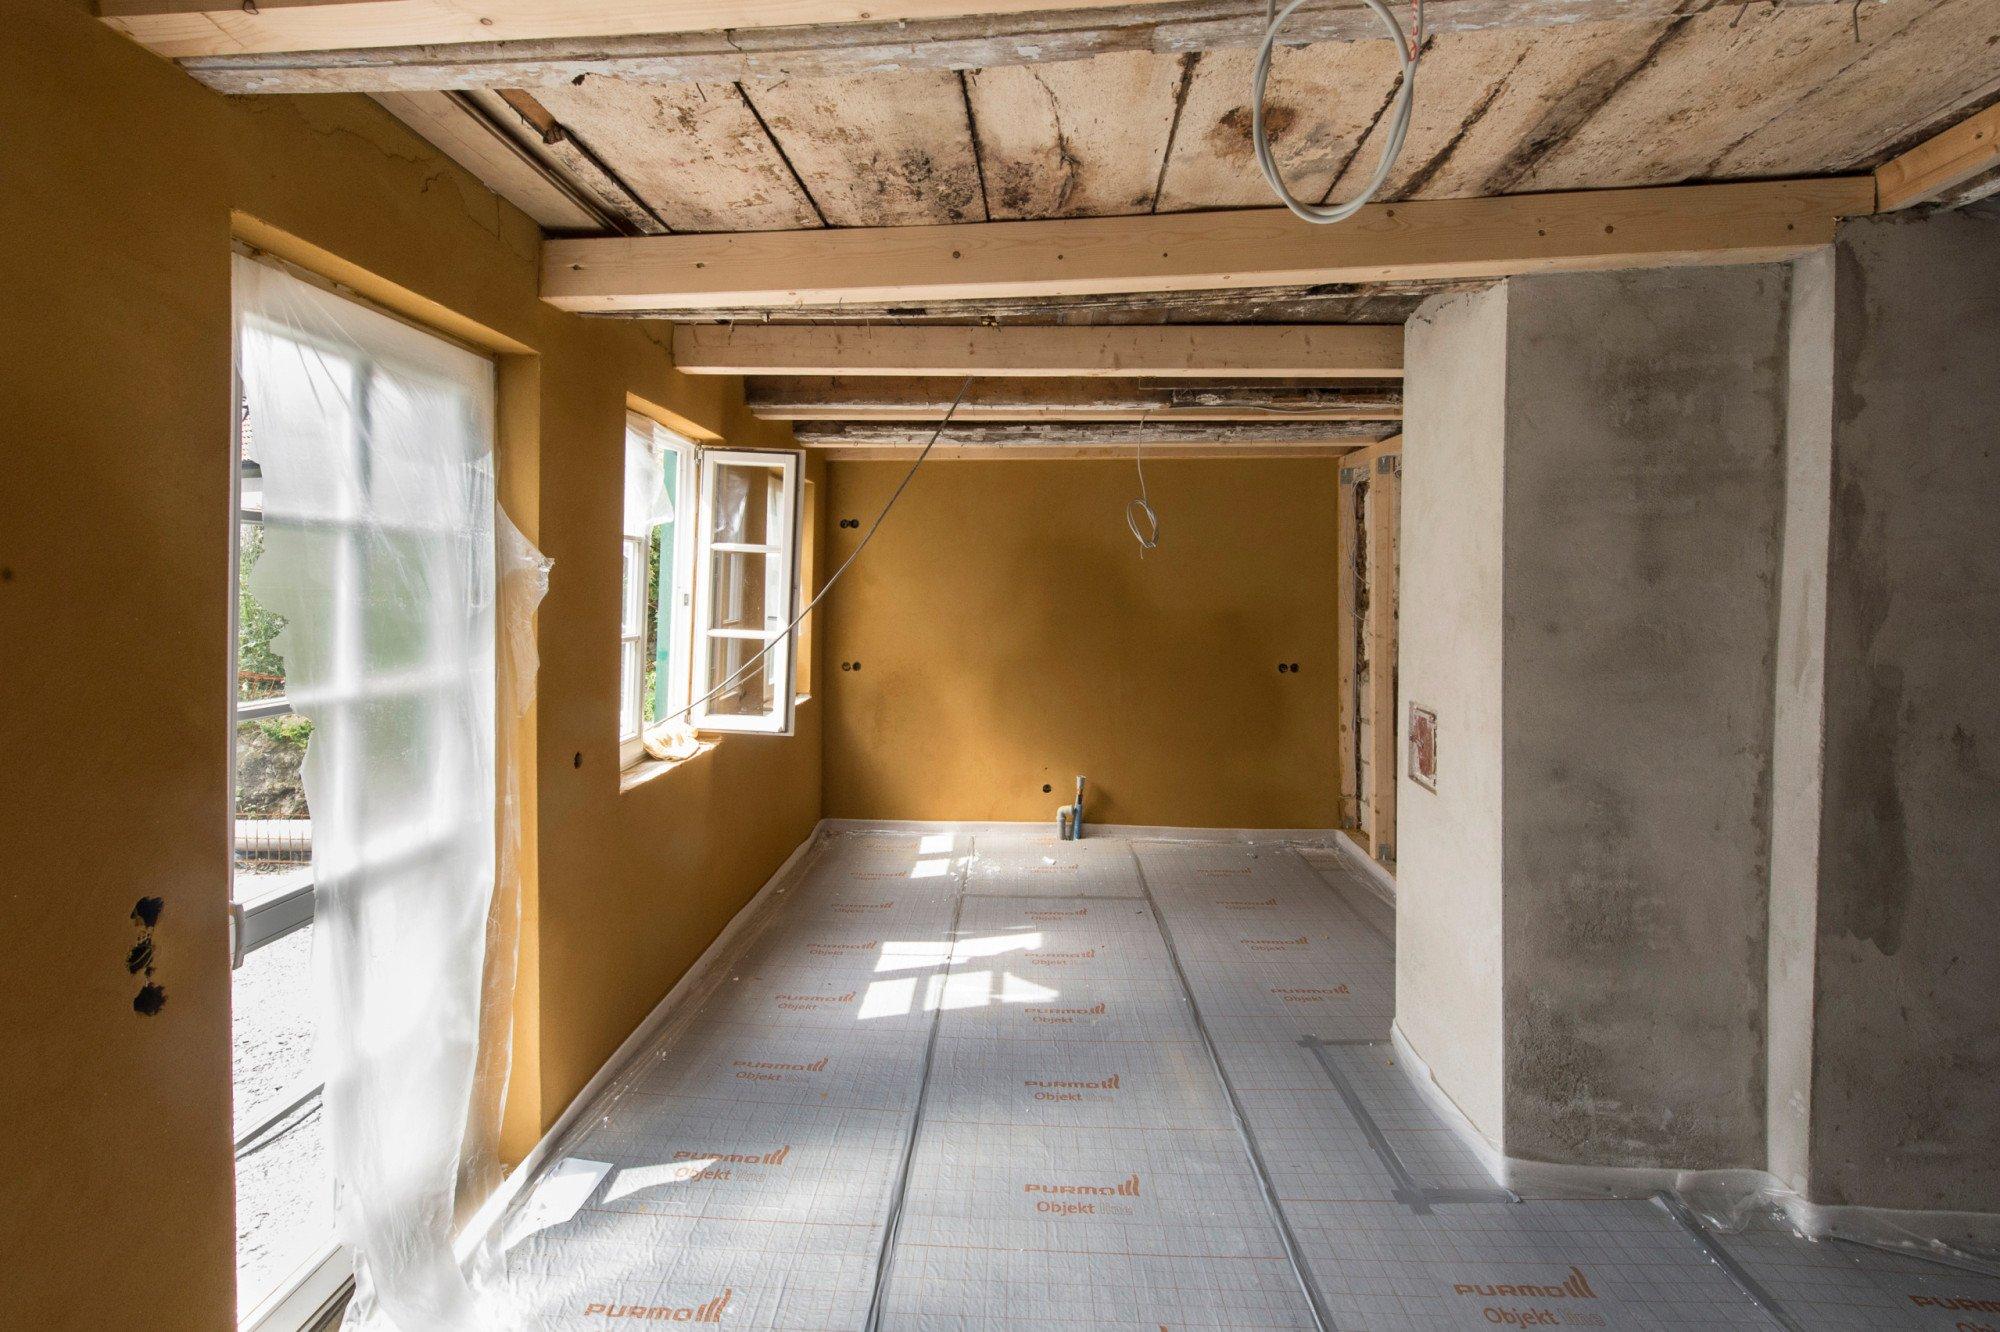 wandmodule aus steinwolle und holz nachhaltig bauen. Black Bedroom Furniture Sets. Home Design Ideas